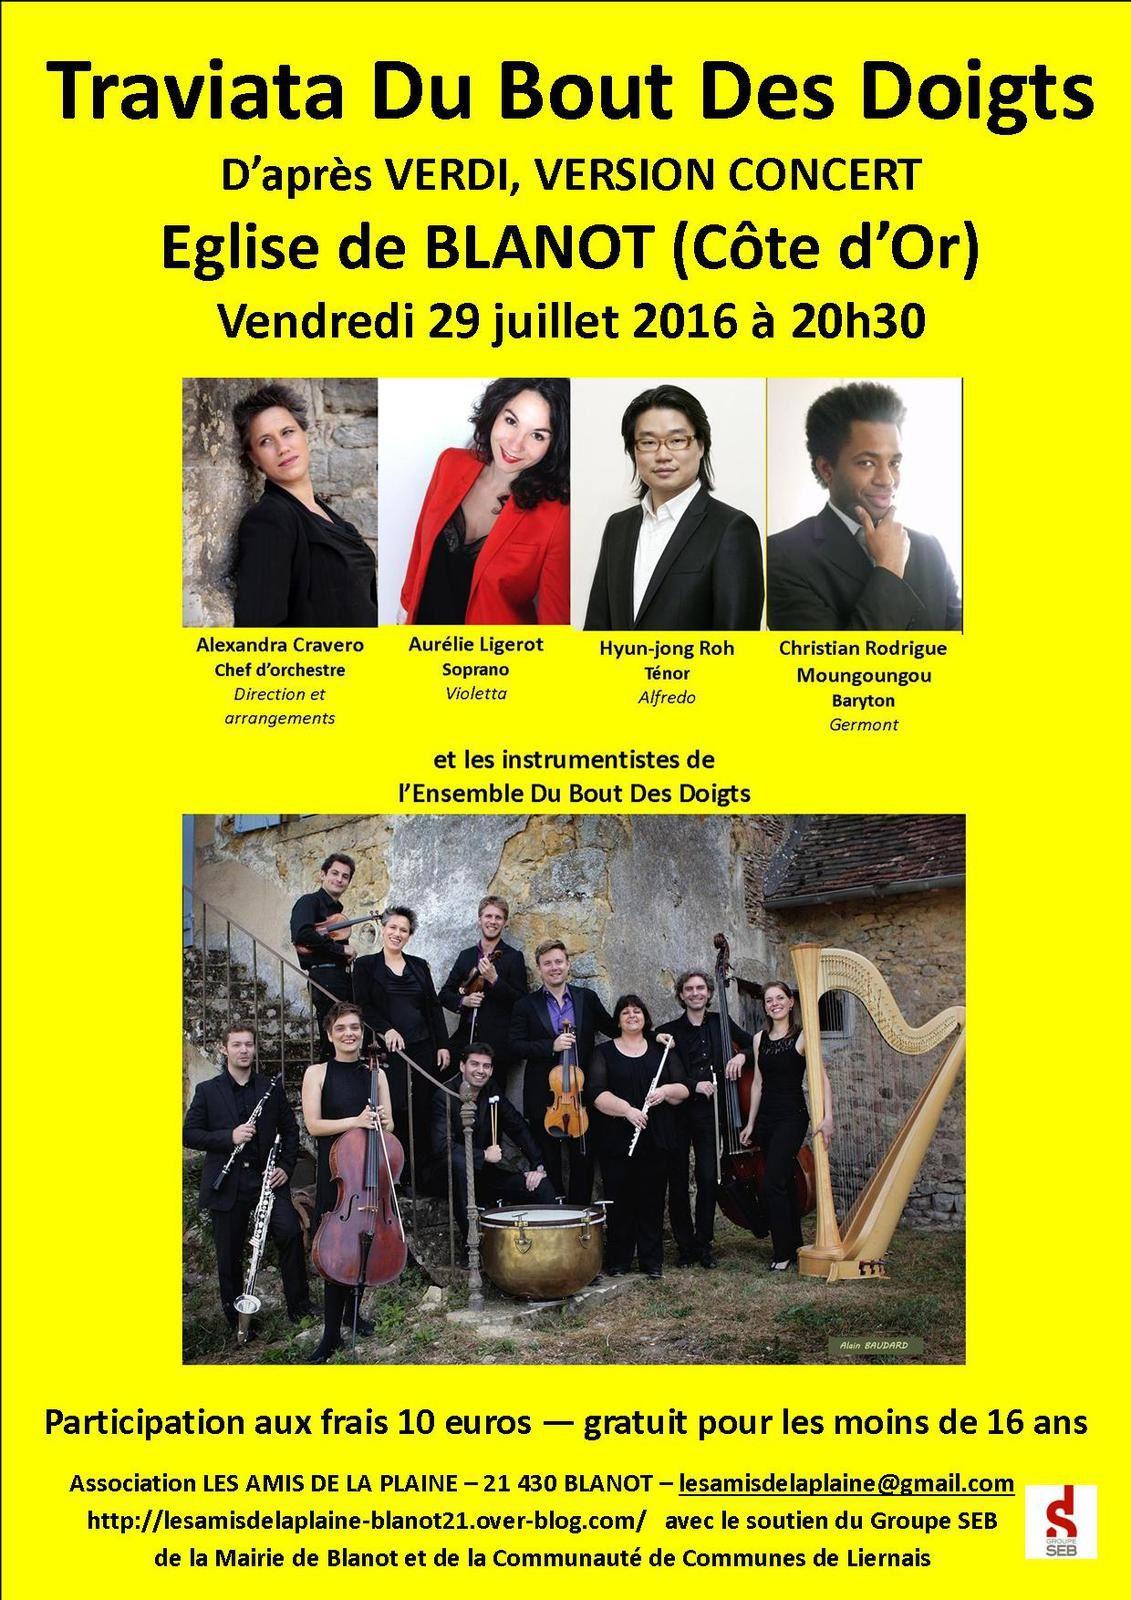 « Traviata Du Bout Des Doigts » en version concert vendredi 29 juillet 2016 à BLANOT (Côte d'Or)